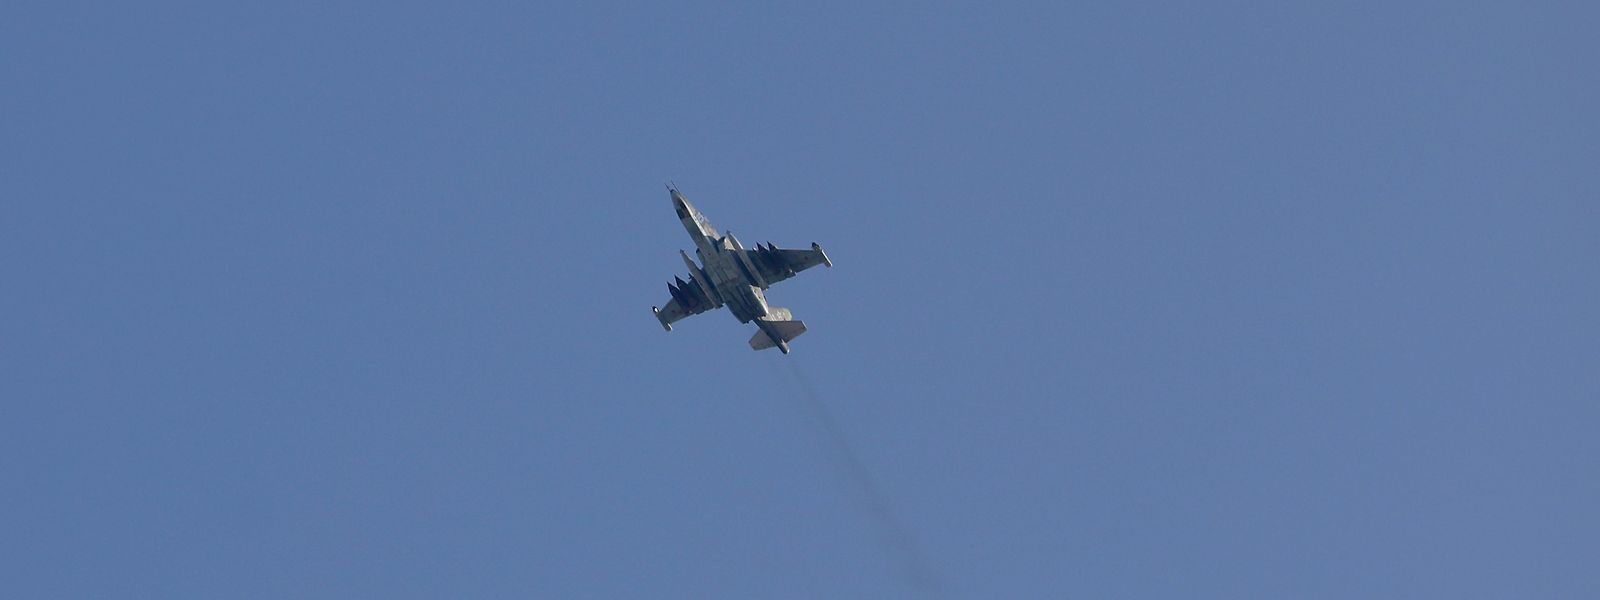 Ein Flugzeug des Typs Sukhoi-25 wurde in der syrischen Provinz Idlib abgeschossen.